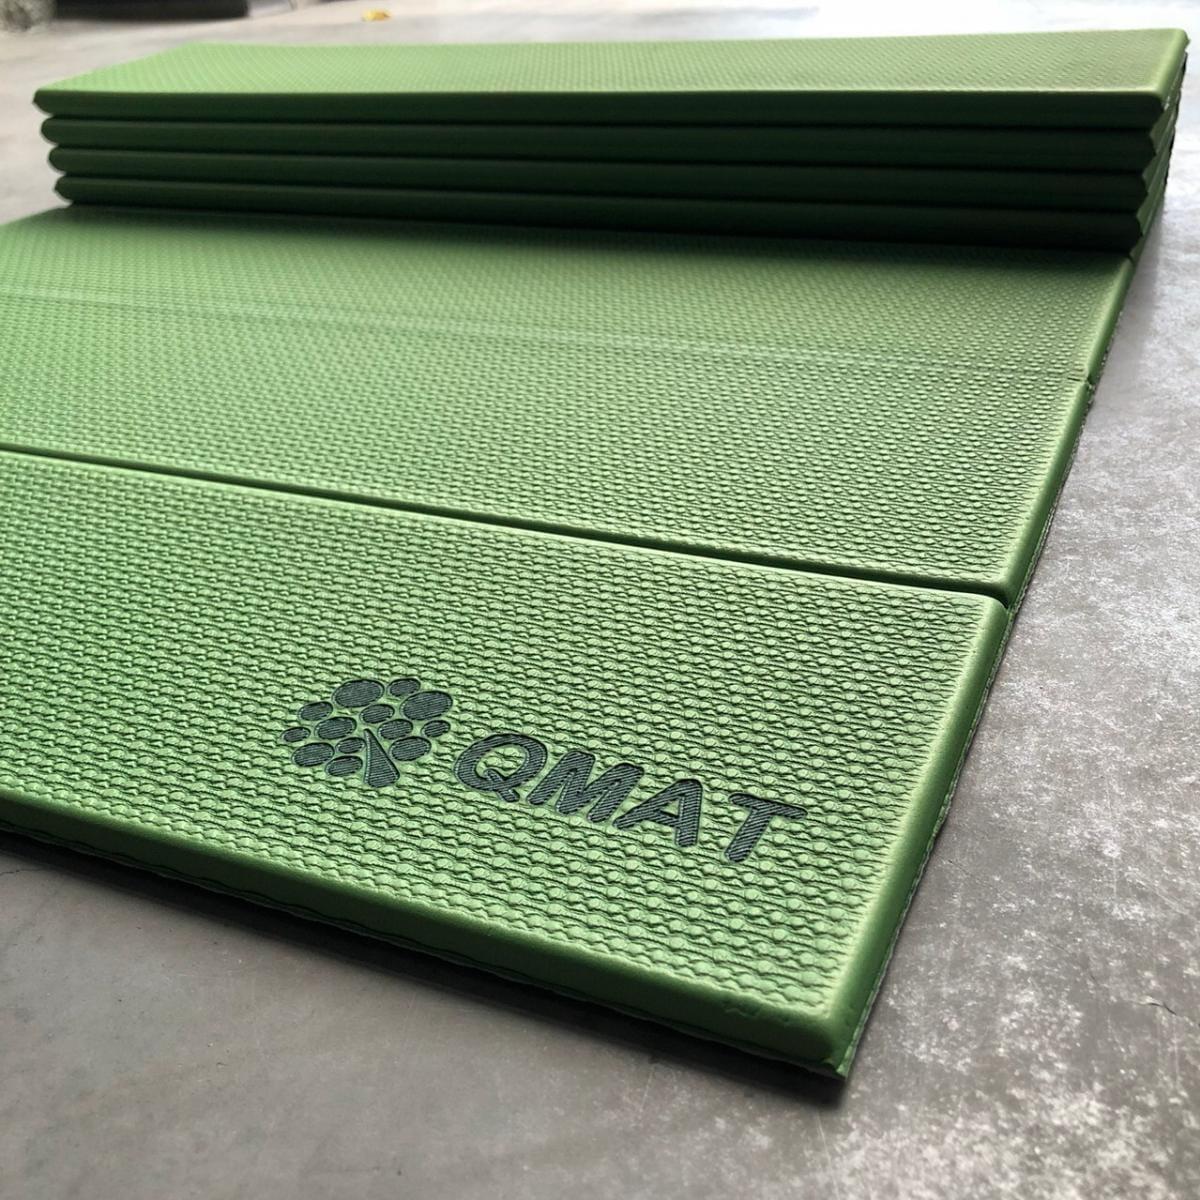 【QMAT】 12折疊瑜珈墊 一般雙色 13